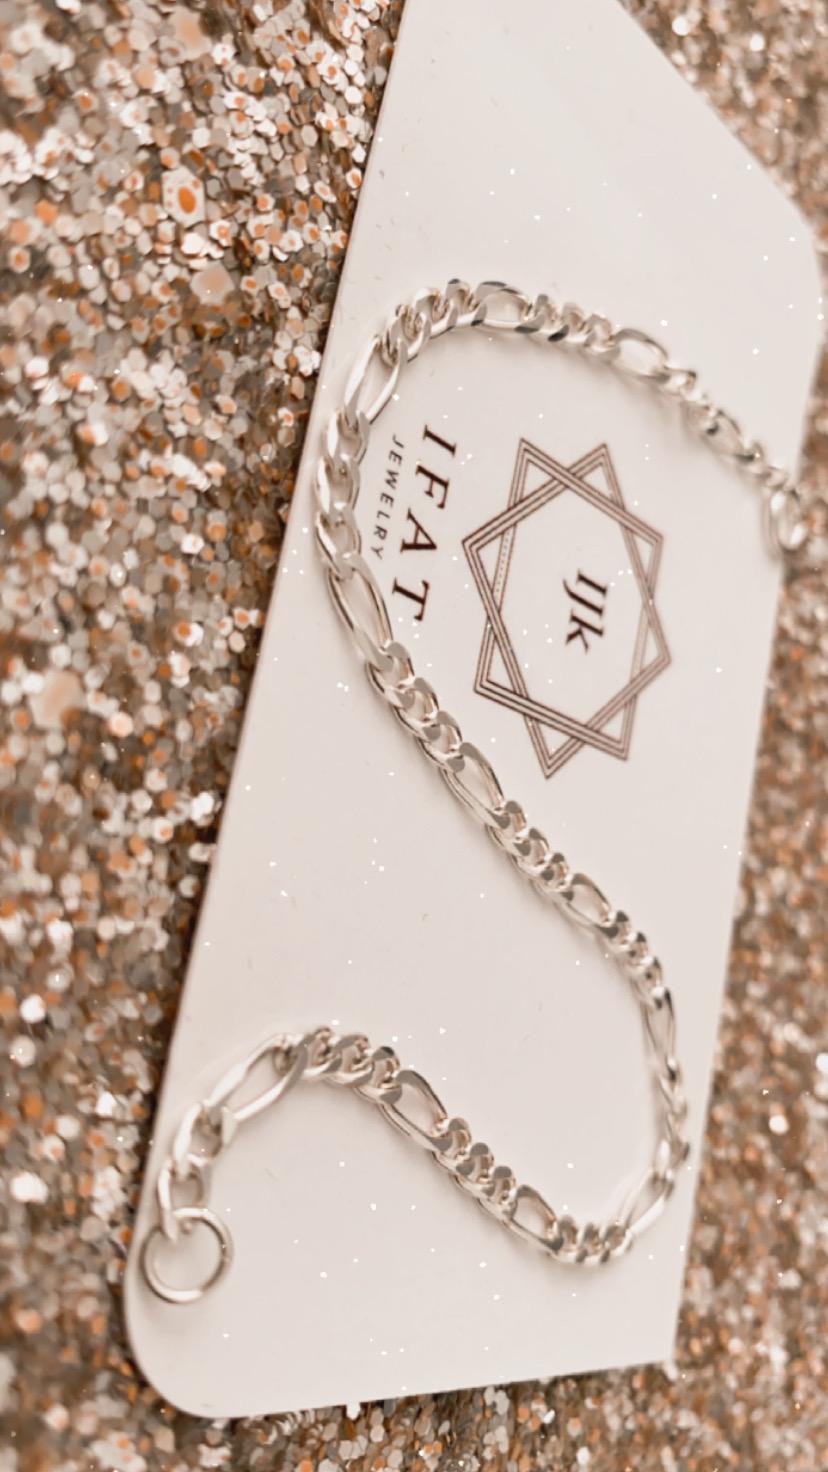 צמיד כסף 925 מבית Ifat Jewelry. צילום: רוני שקדי